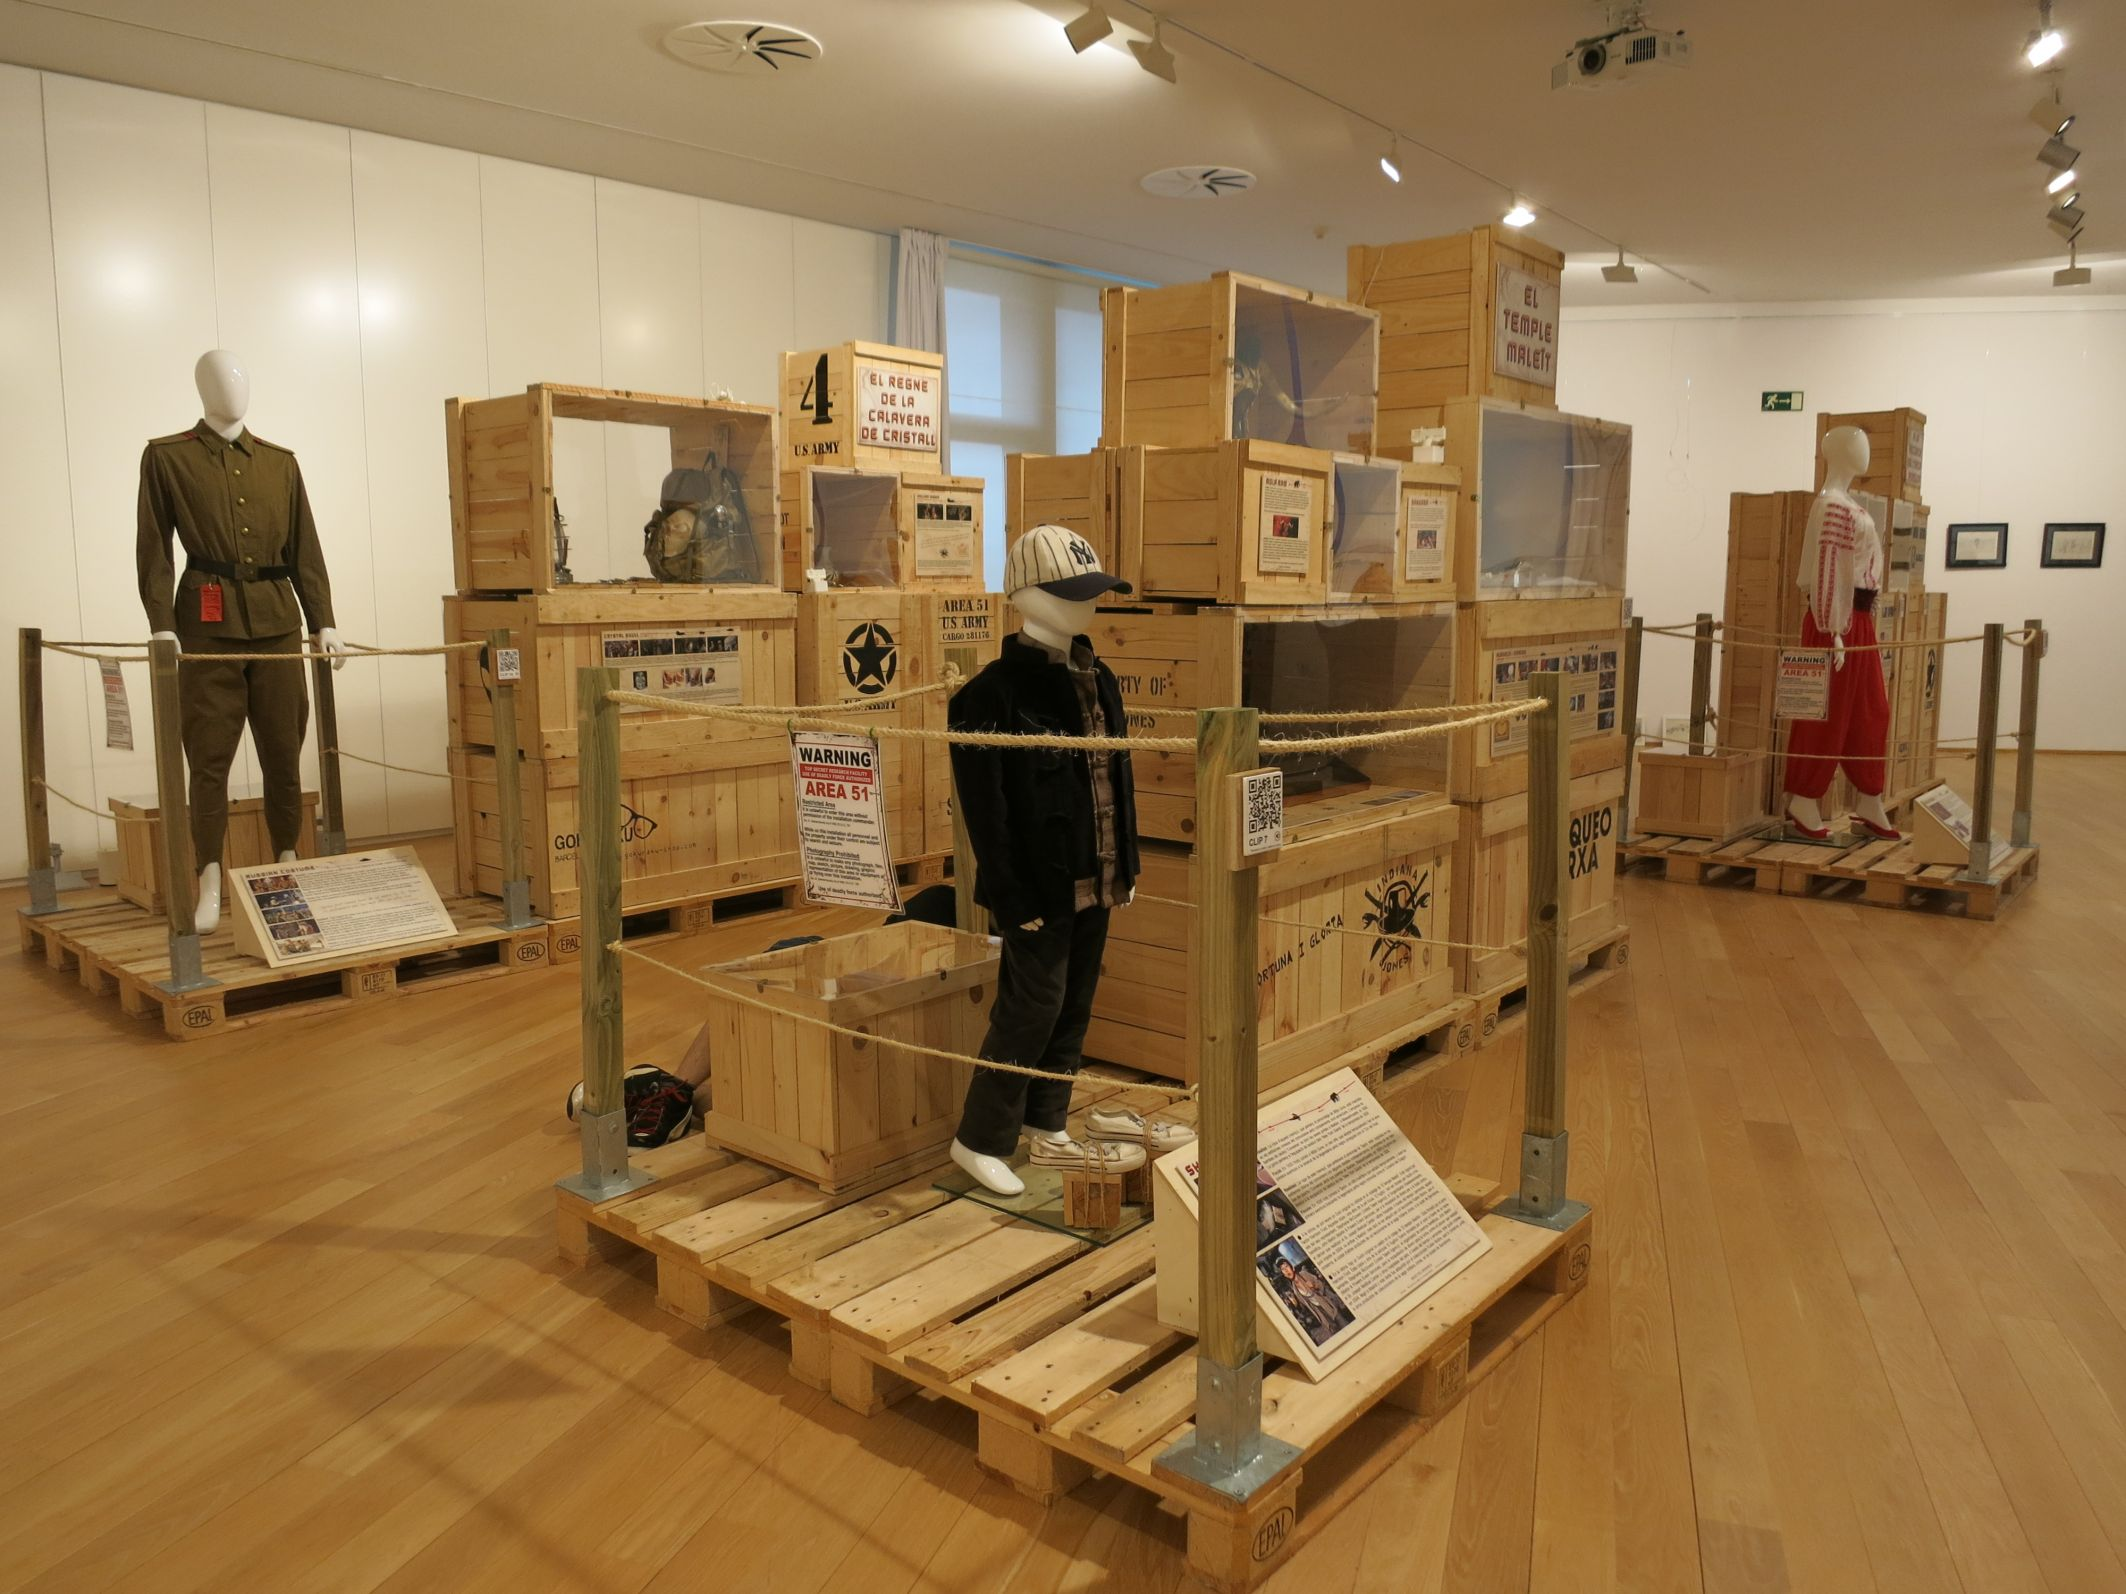 Vista de l'exposició que es podrà visitar a partir del 7 de setembre al Museu de ca n'Ortadó